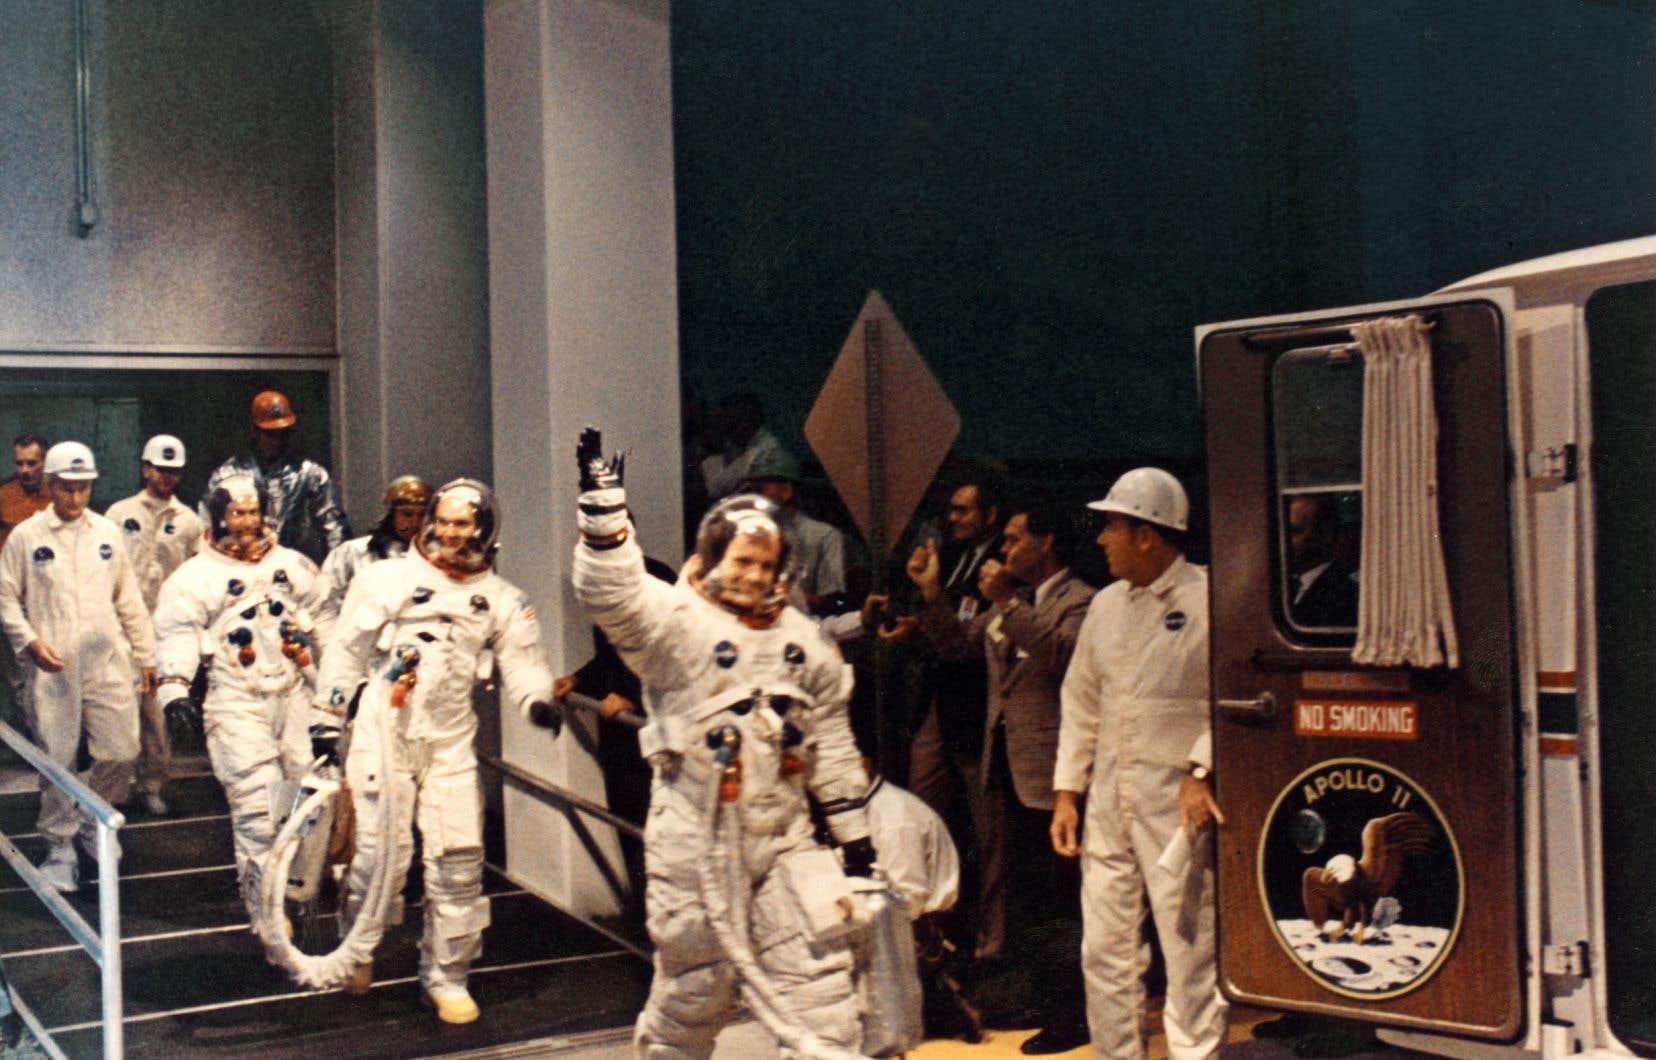 L'histoire de l'exploration spatiale se voit revisitée de fond en comble par d'ambitieux projets documentaires.